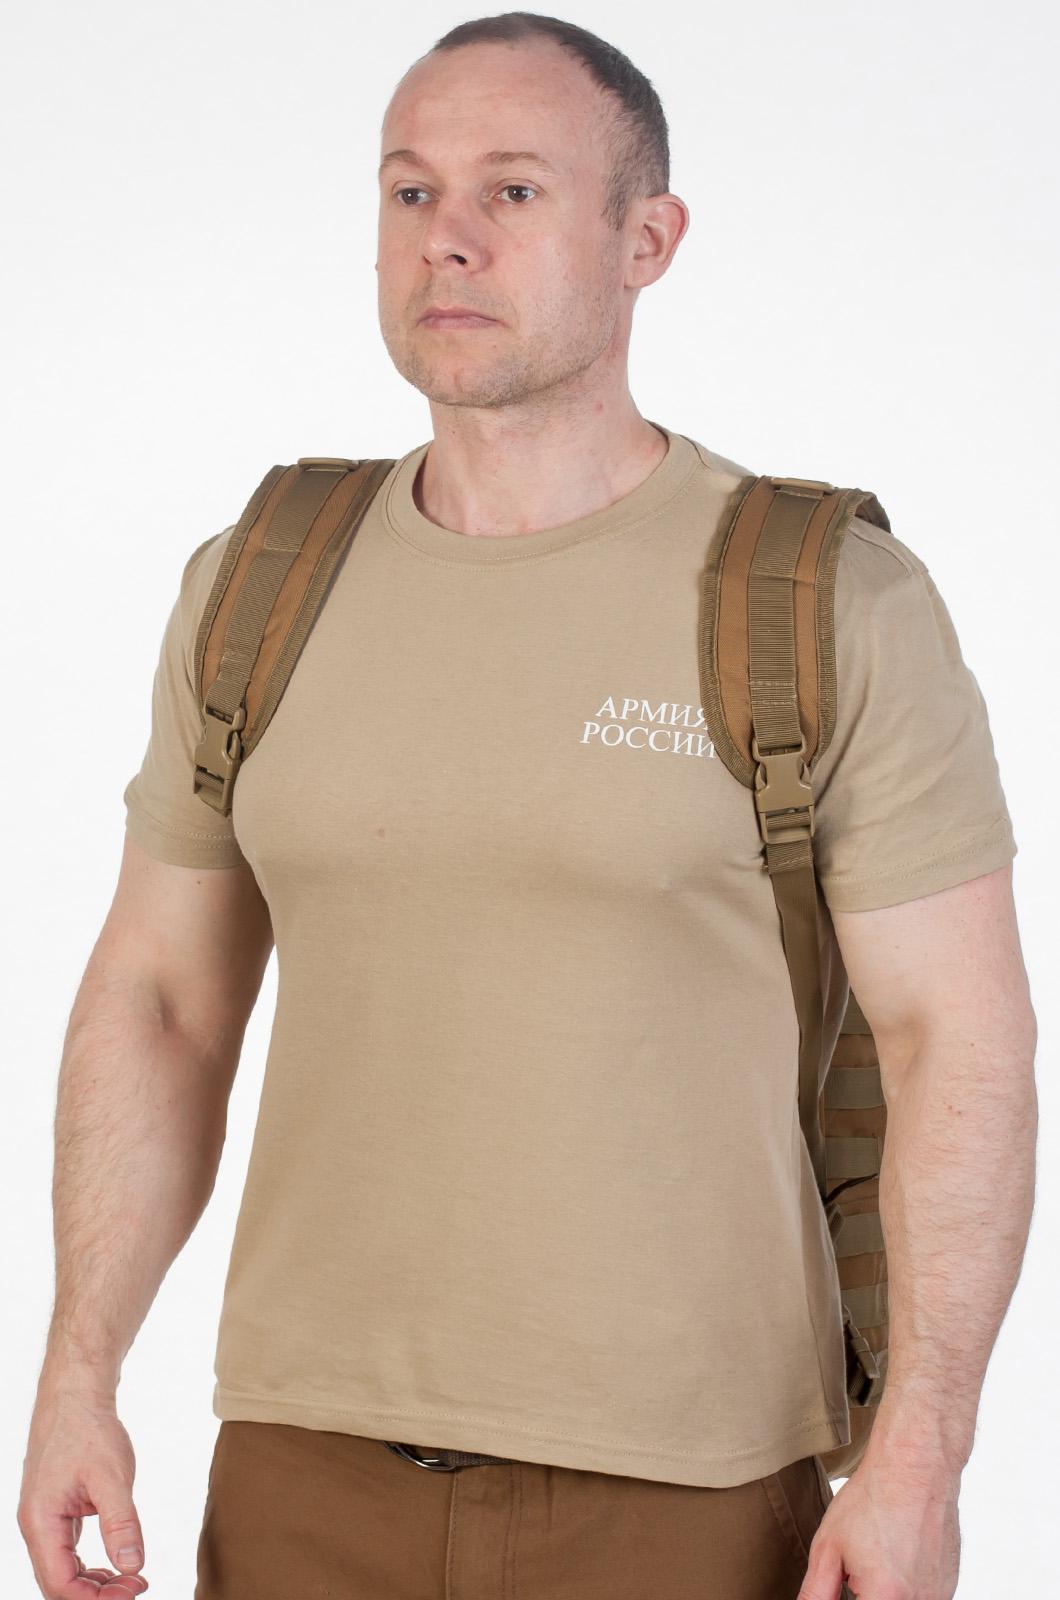 Удобный рейдовый рюкзак с нашивкой Русская Охота - купить в розницу